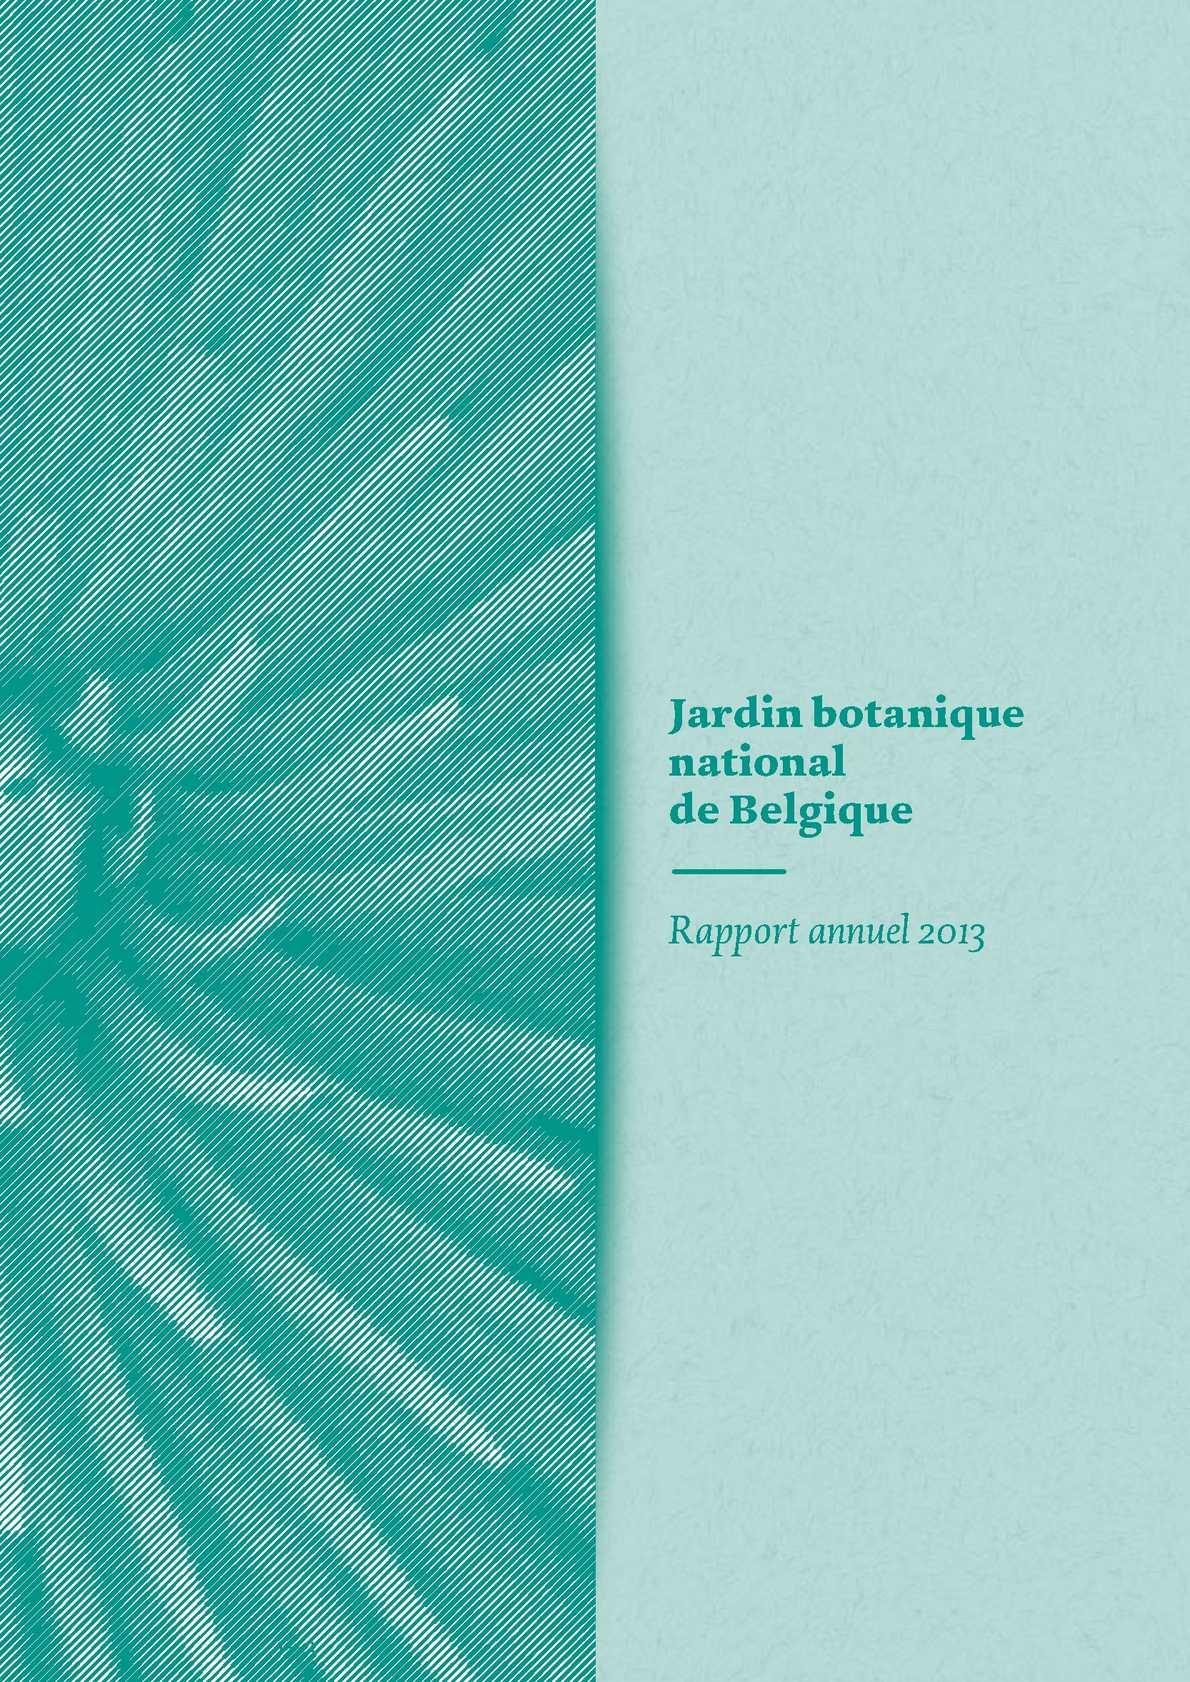 Calaméo - Rapport annuel 2013 (Français) - Jardin botanique ...